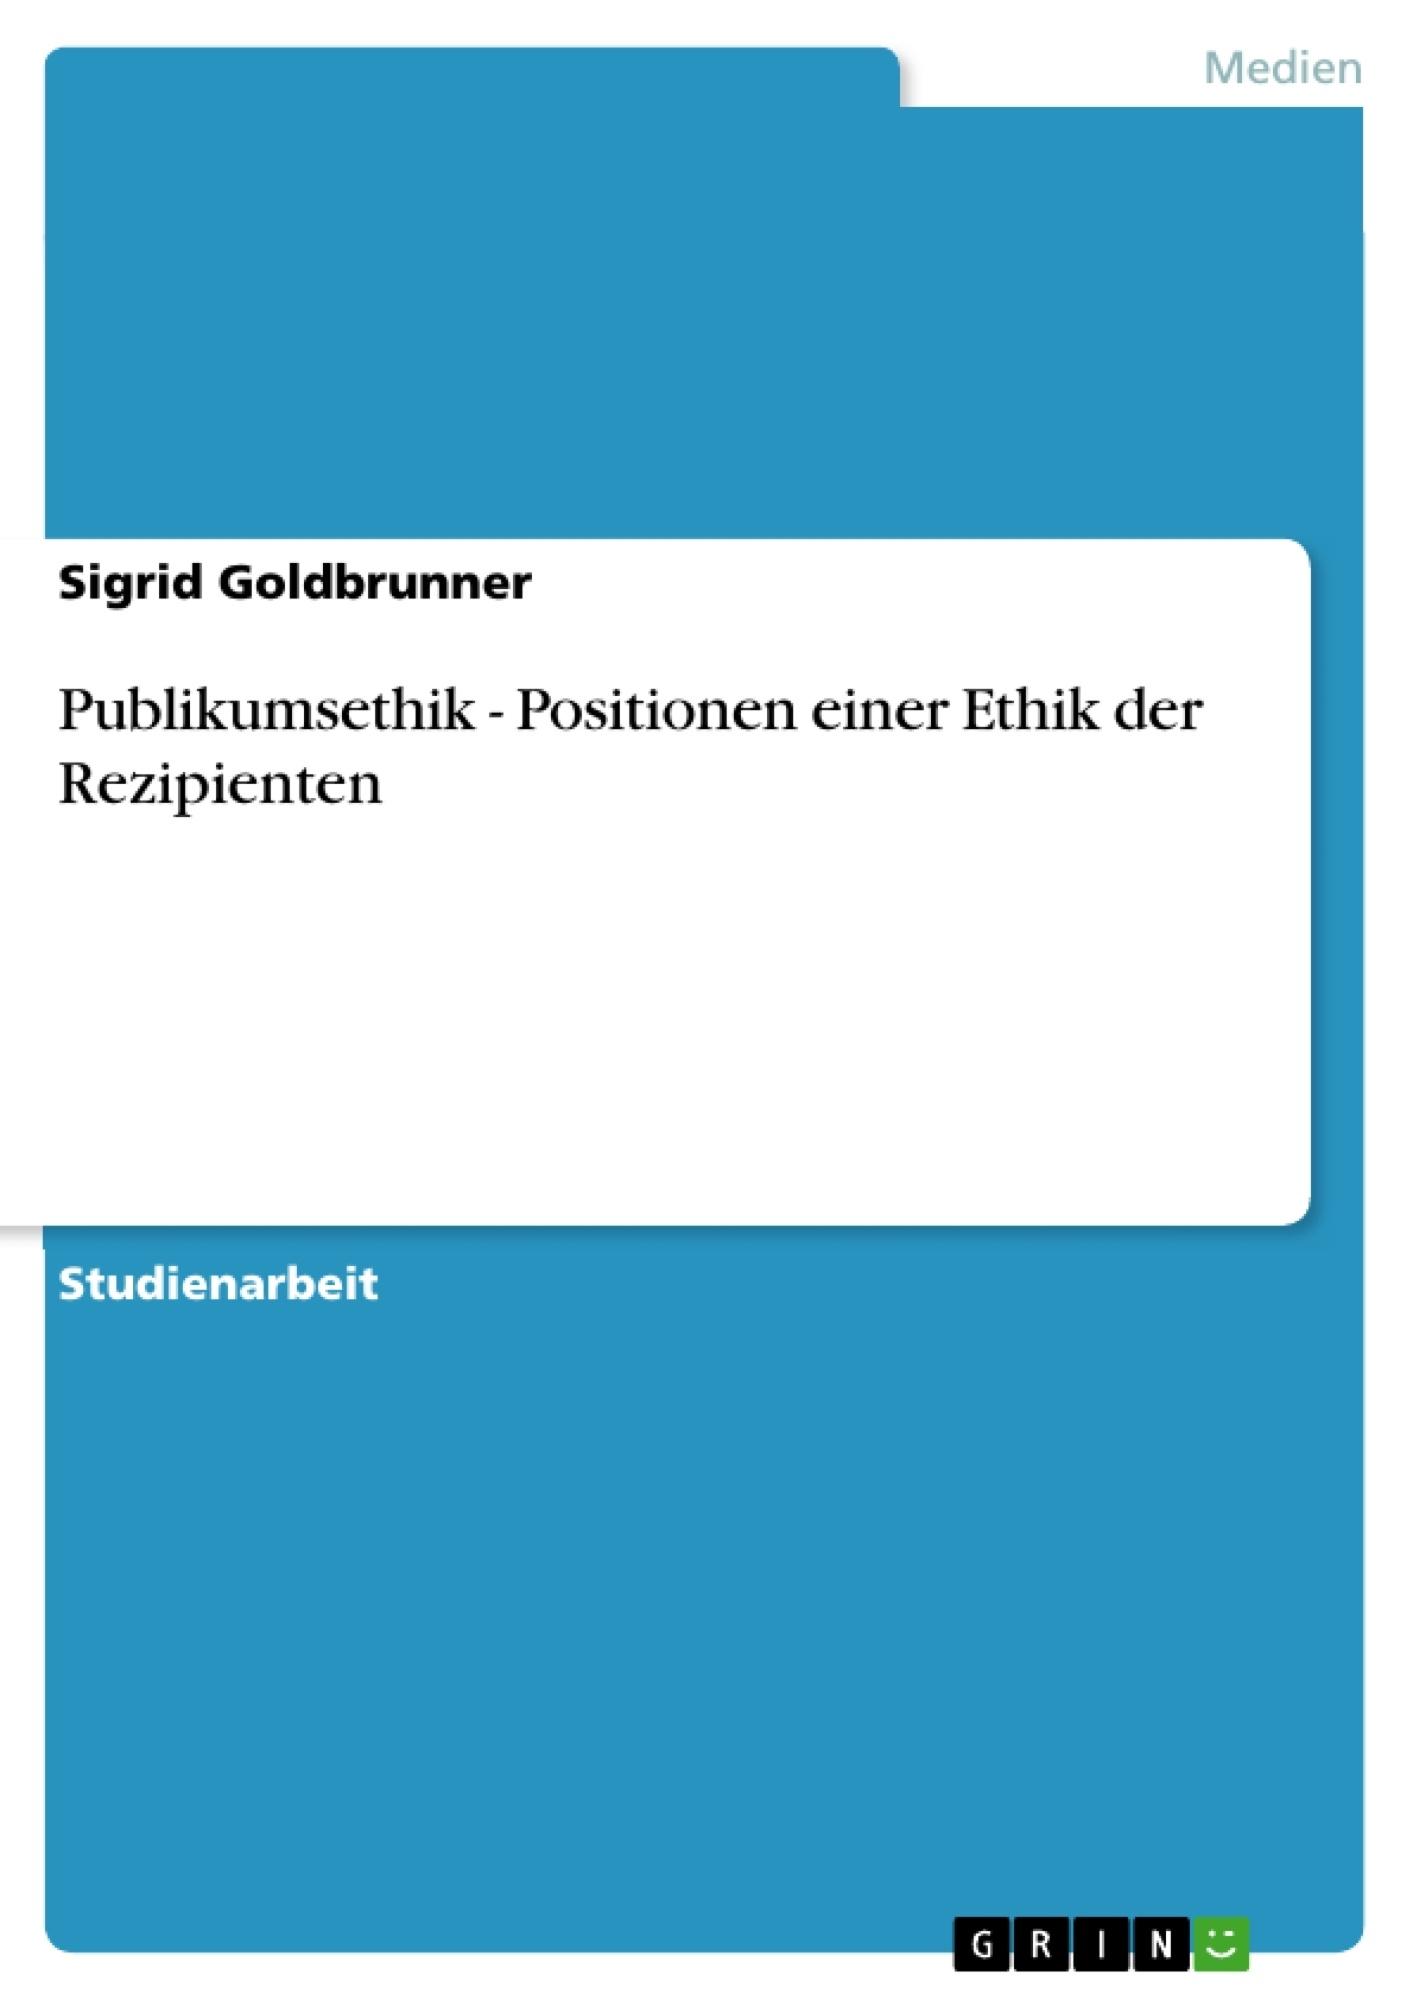 Titel: Publikumsethik - Positionen einer Ethik der Rezipienten